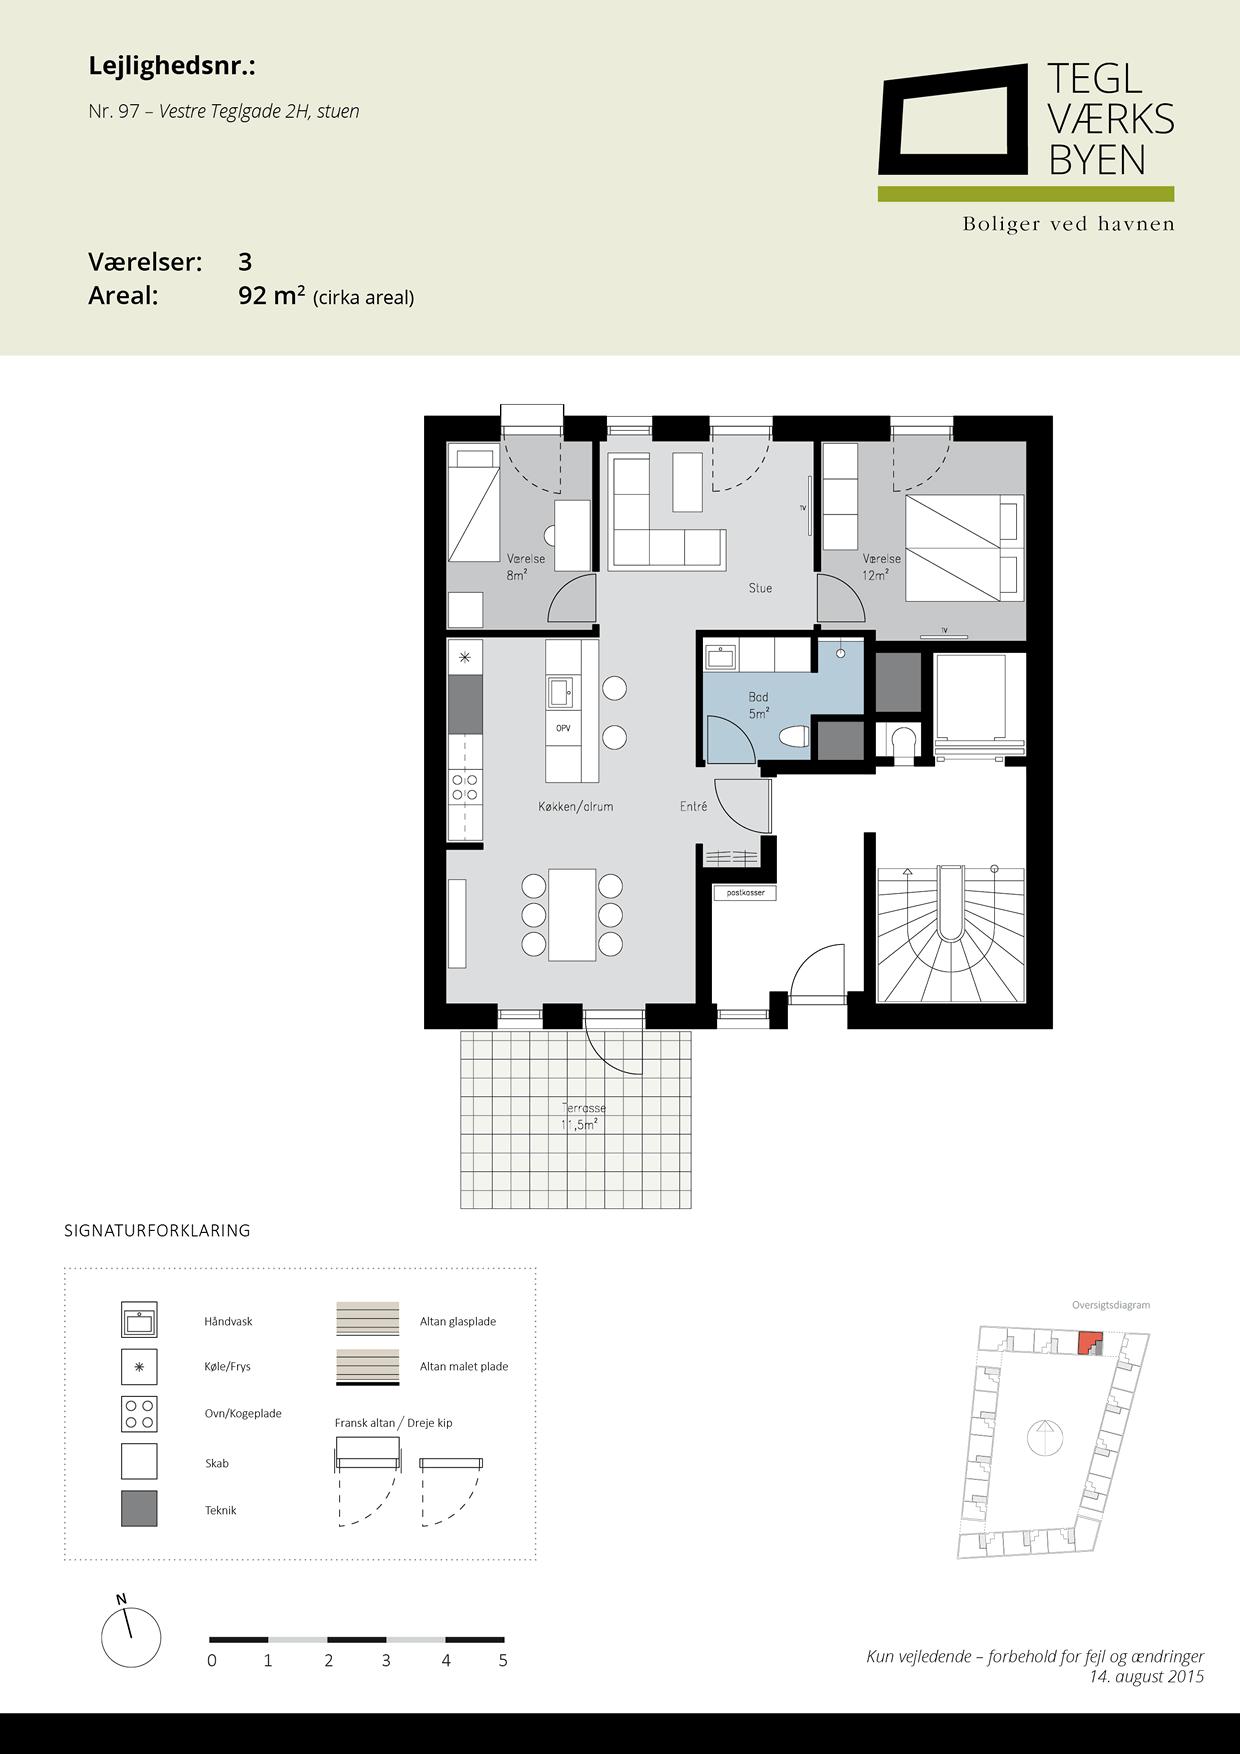 Teglvaerksbyen_97_plan